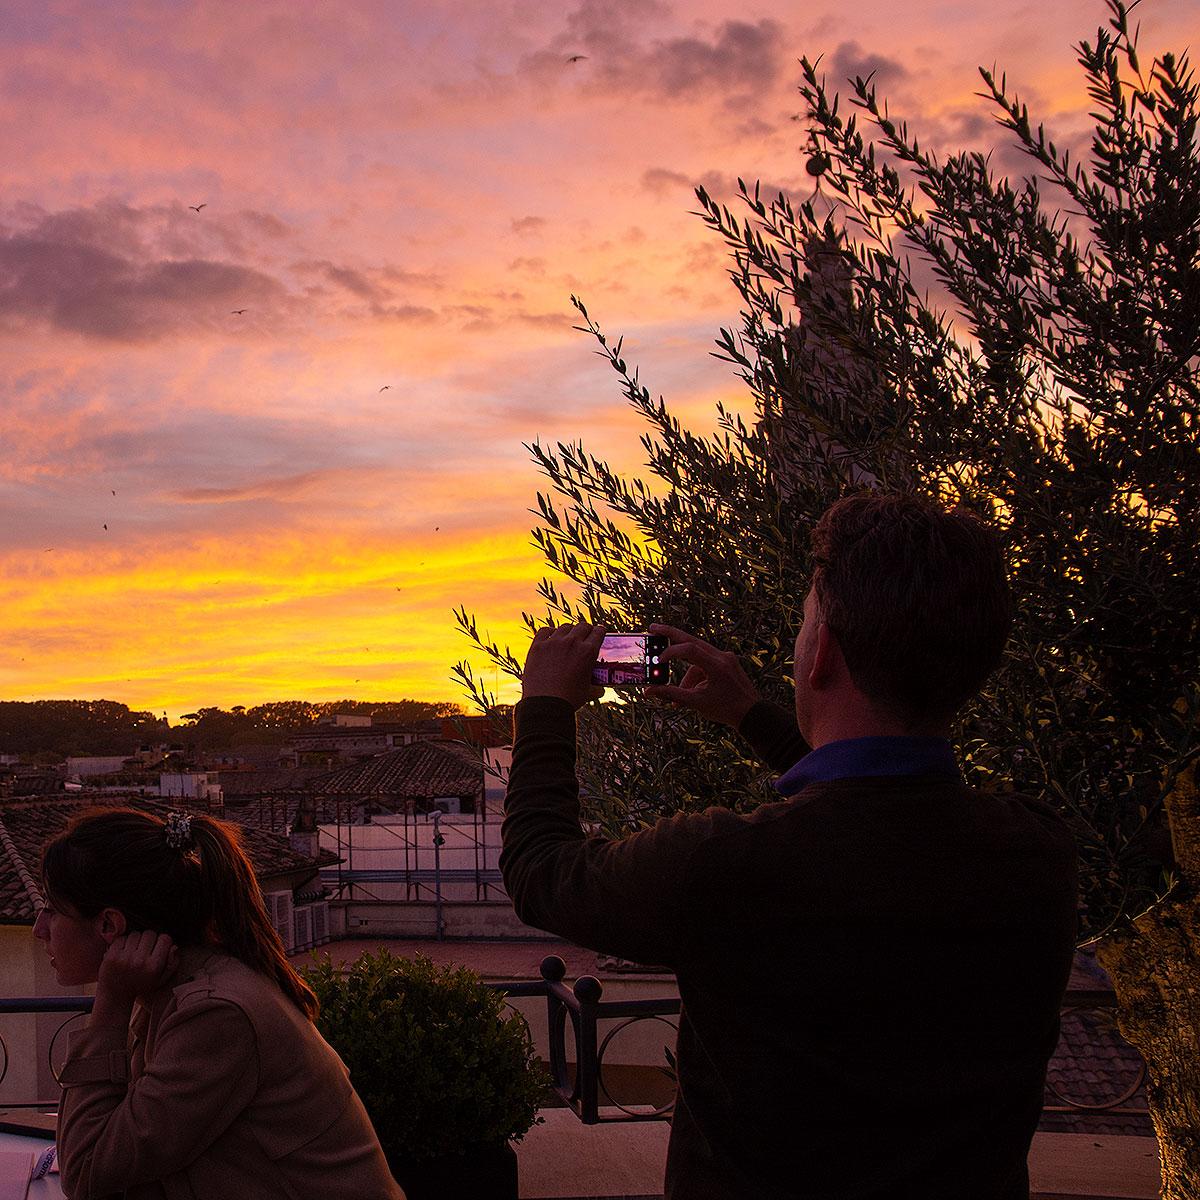 Coucher de soleil, vue des terrasses de Rome